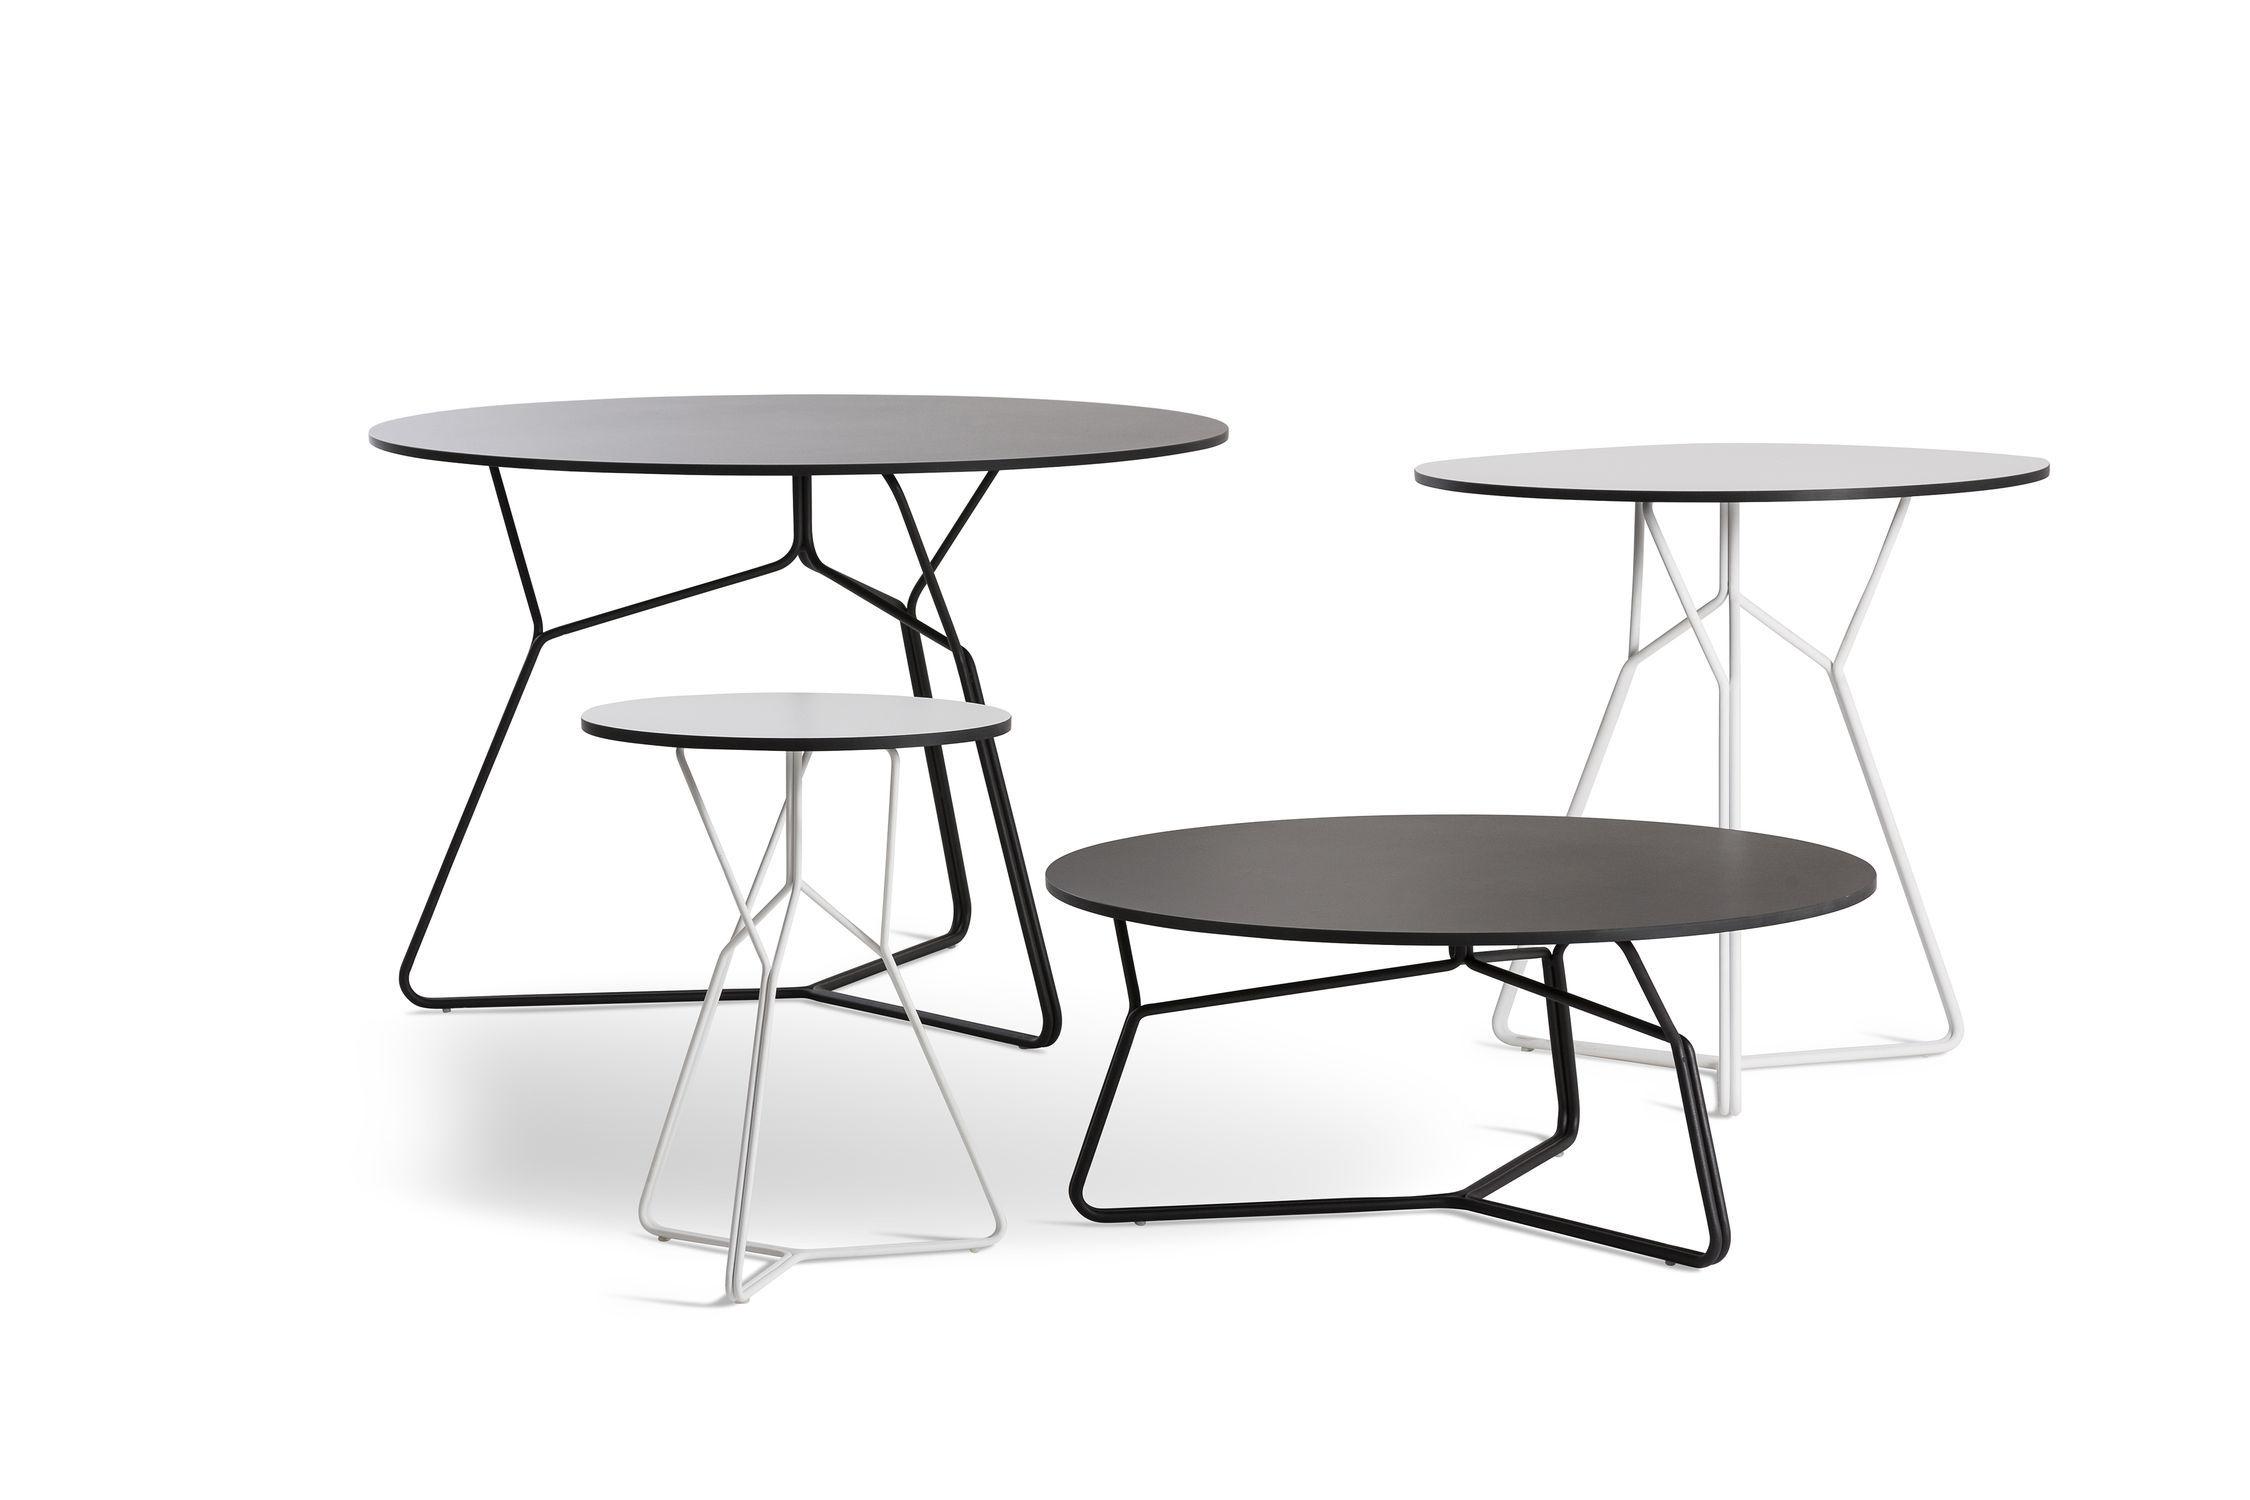 125421-8034522 Unique De Table Basse Fer forge Concept